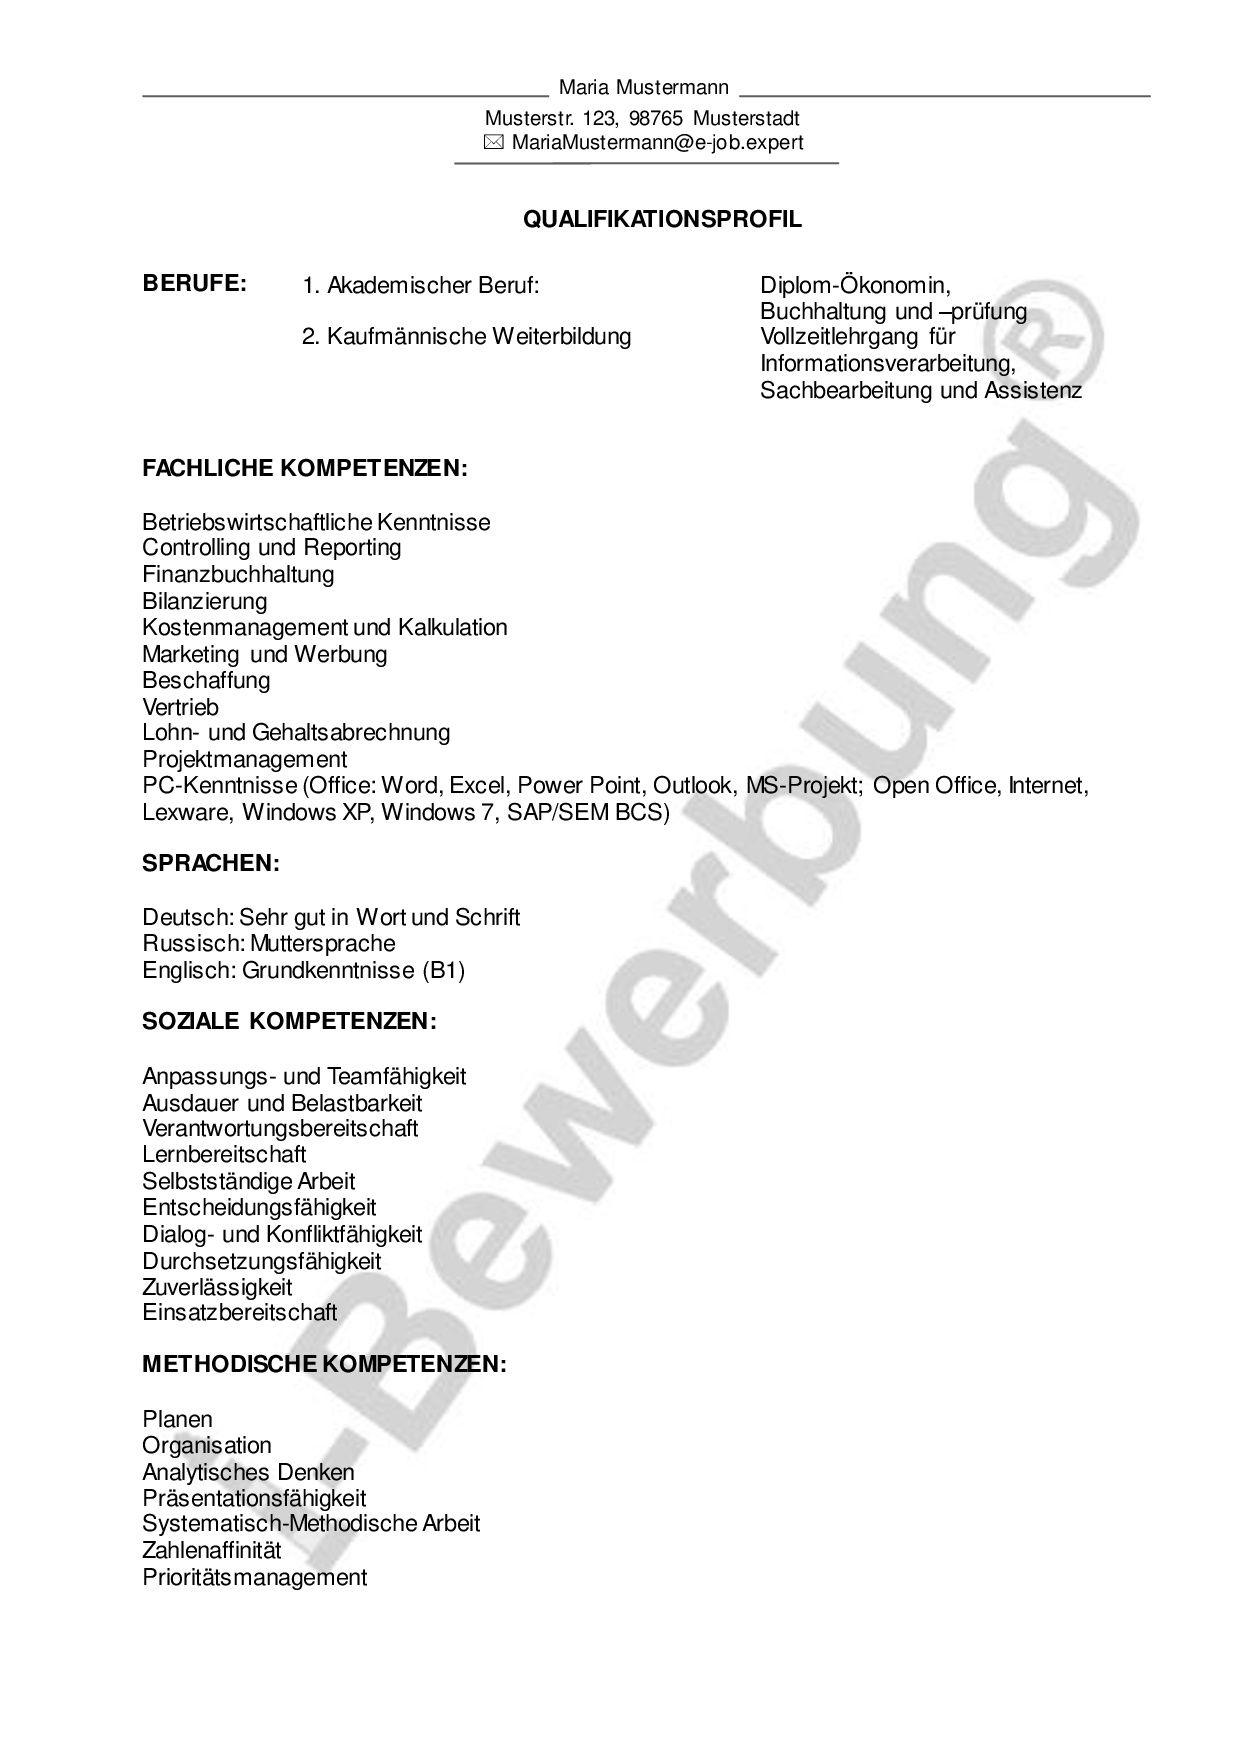 Ein Ratgeber für Ihre Karriereplanung | Qualifikationsprofil ...